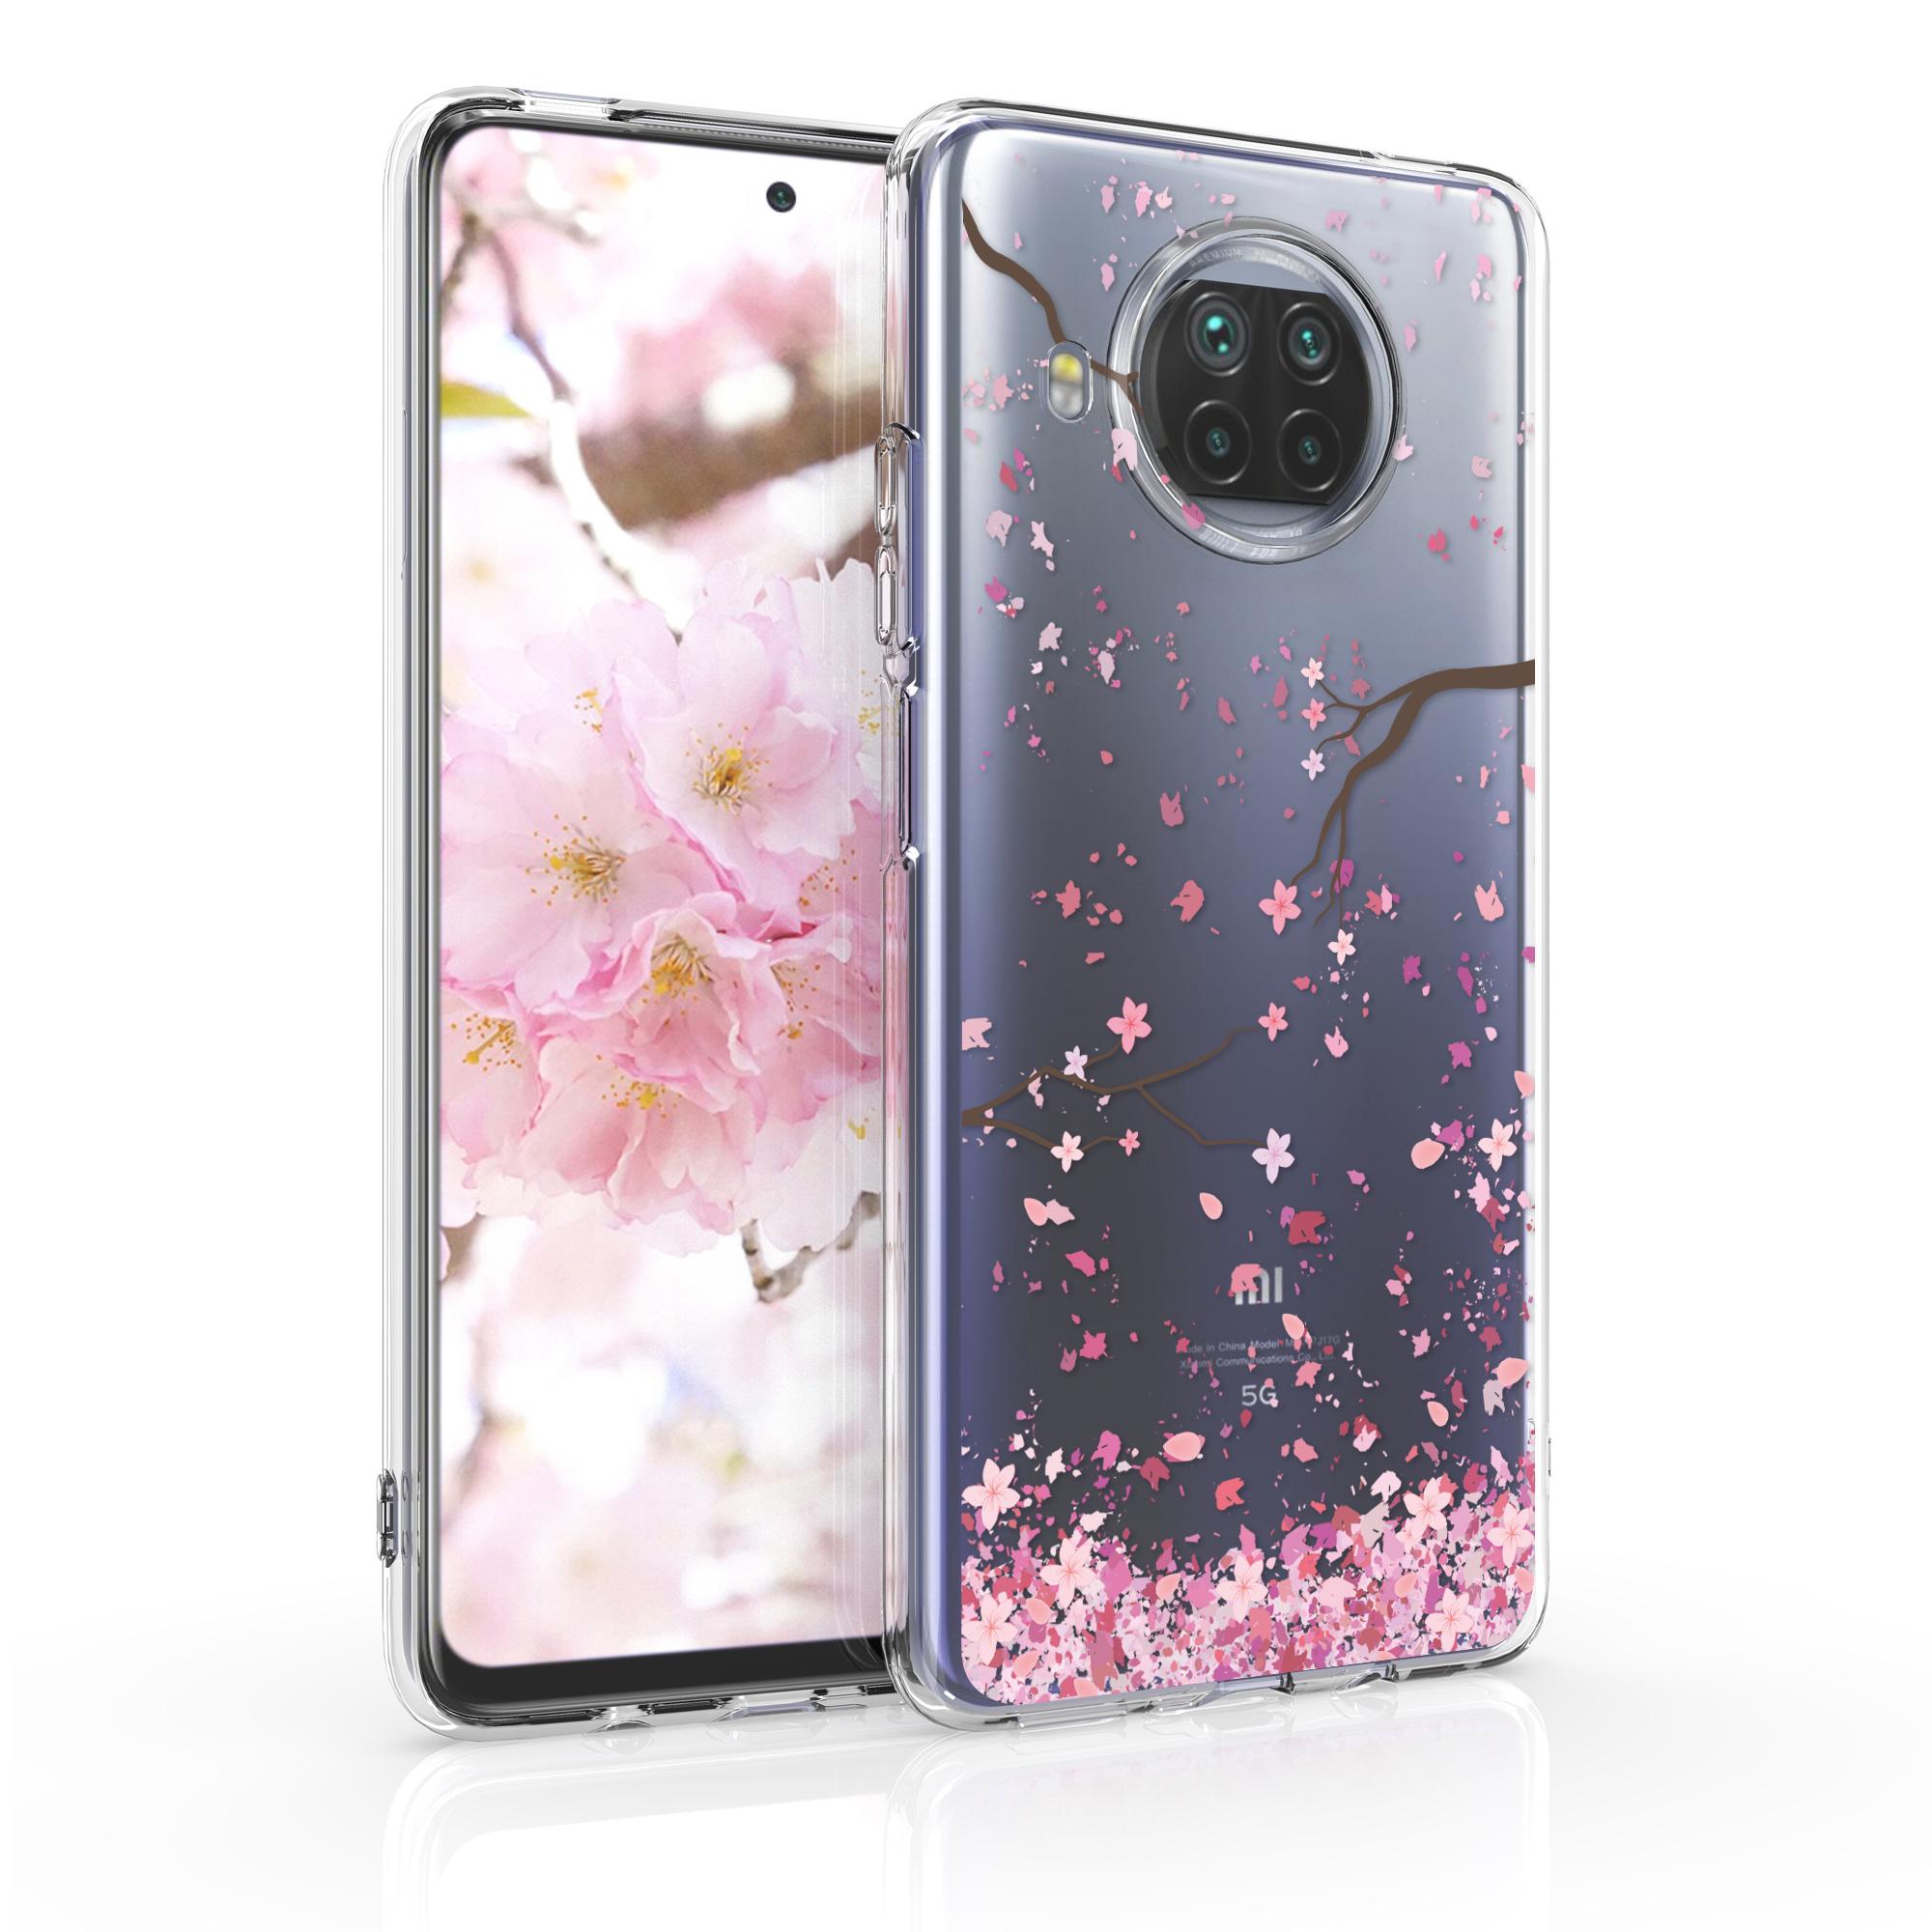 Růžové silikonové pouzdro / obal s motivem třešnových květů Xiaomi Mi 10T Lite